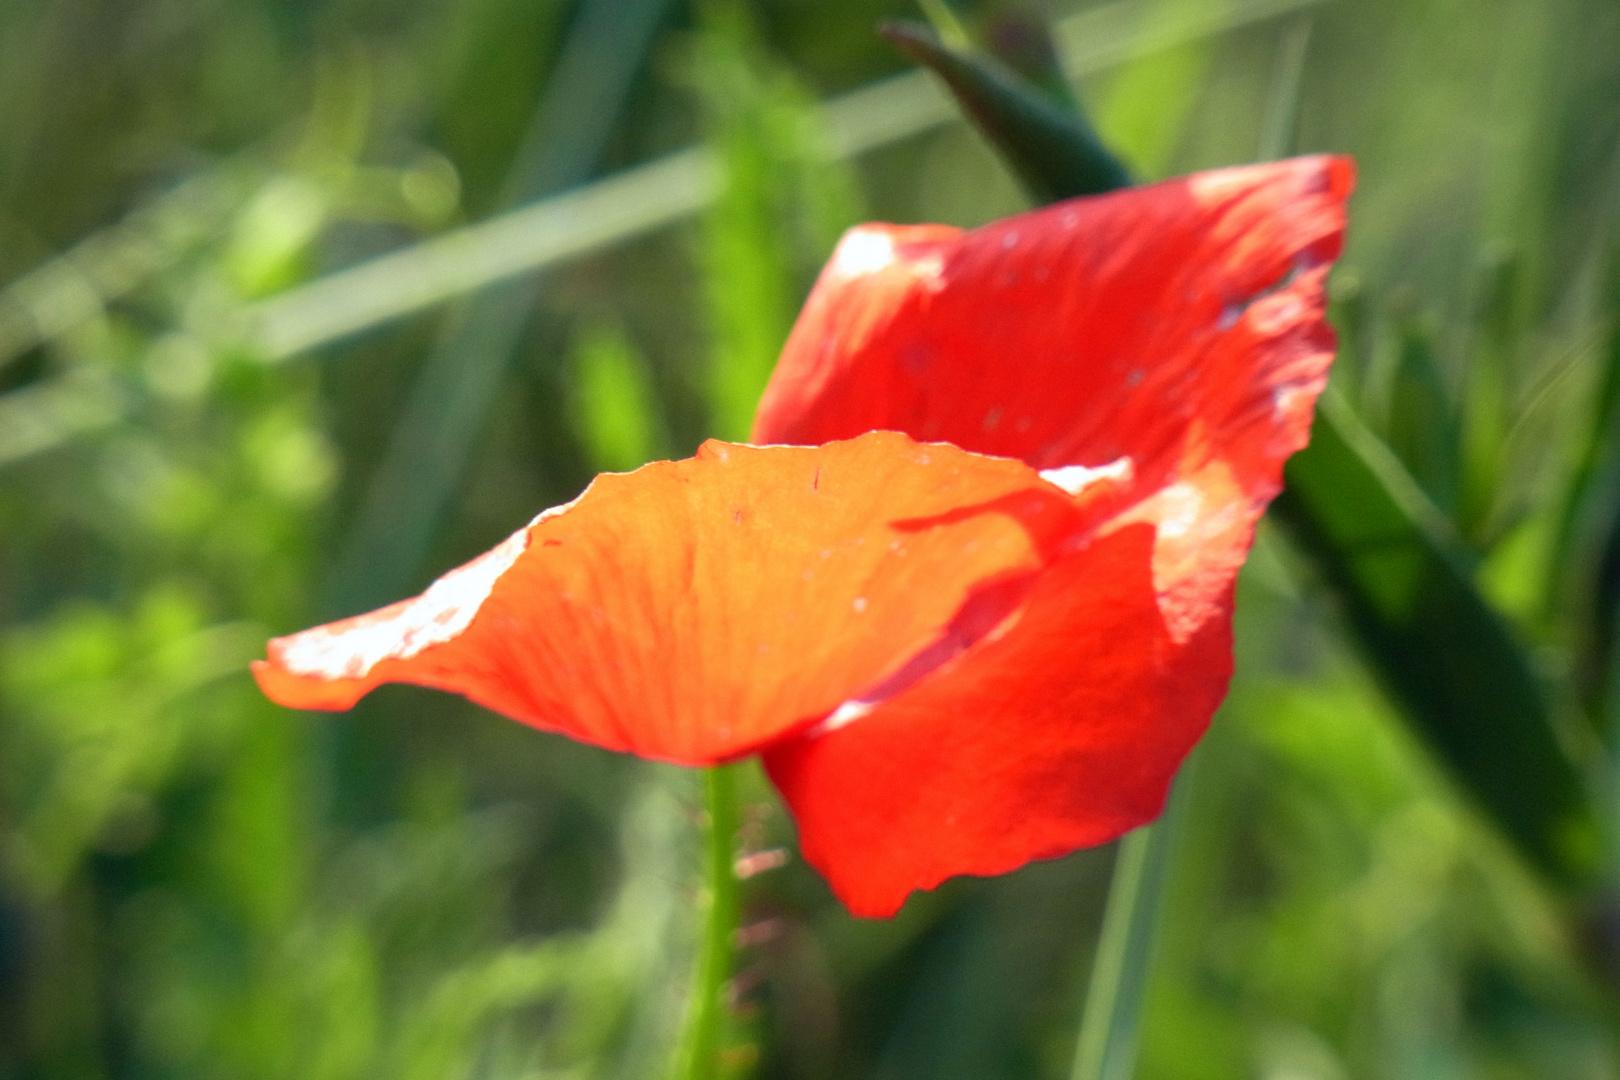 Ein Blütenblatt fällt